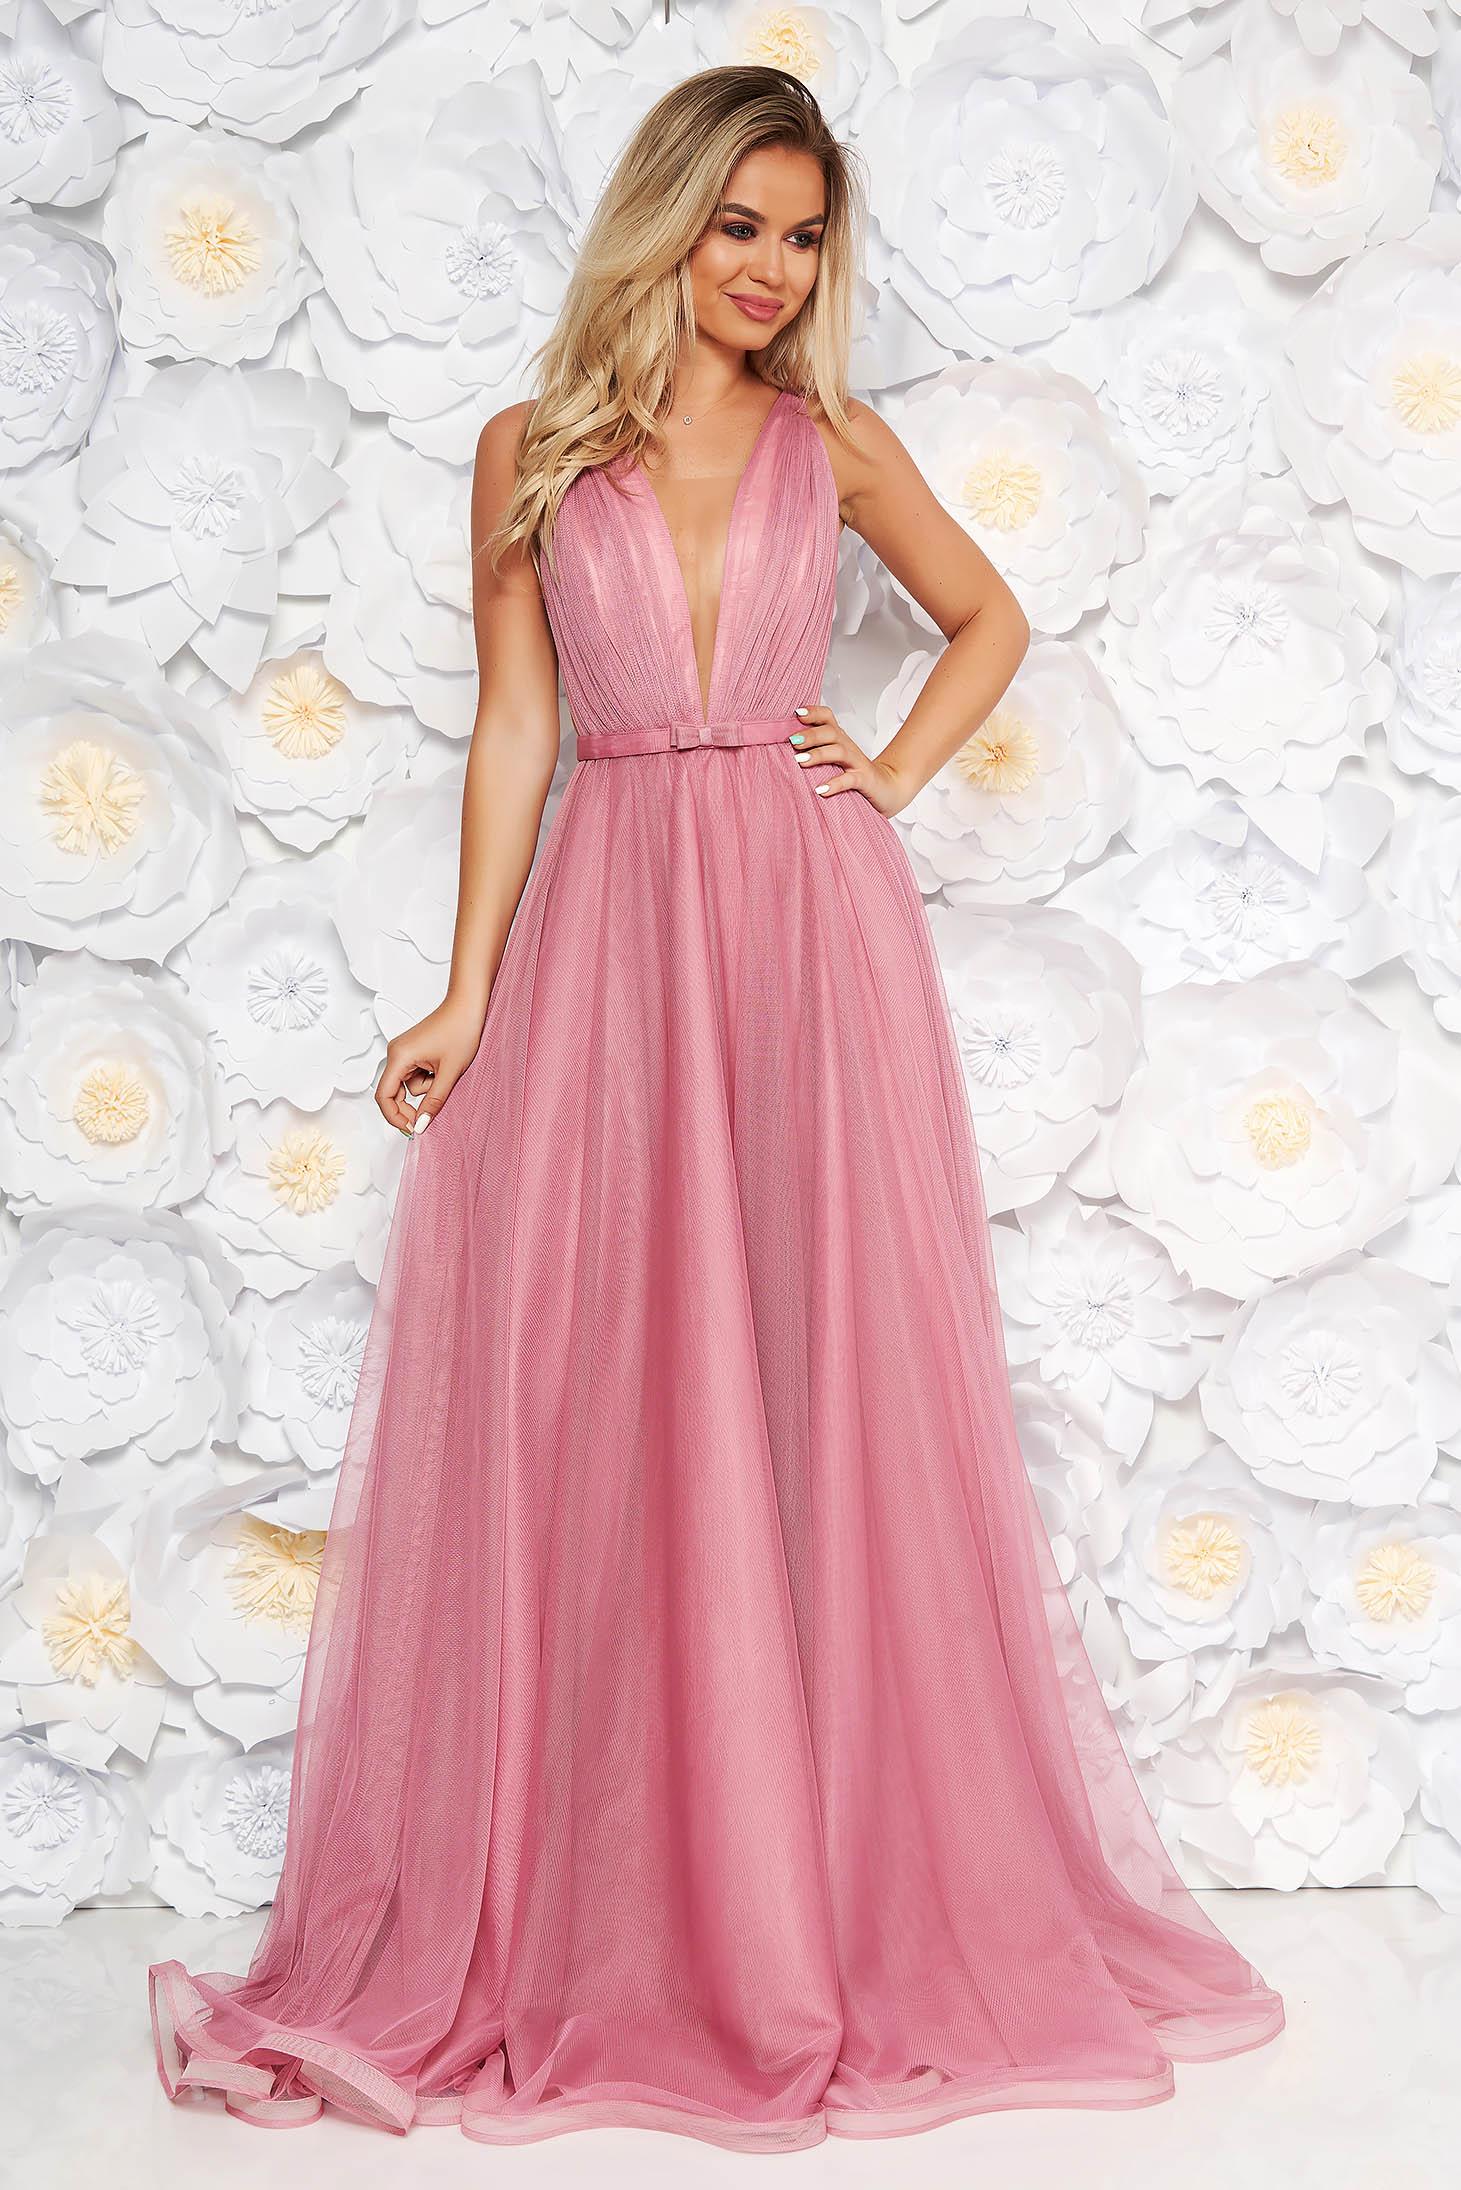 00b135b2b2 Világos rózsaszín Ana Radu ruha övvel ellátva tüll mély dekoltázs belső  béléssel